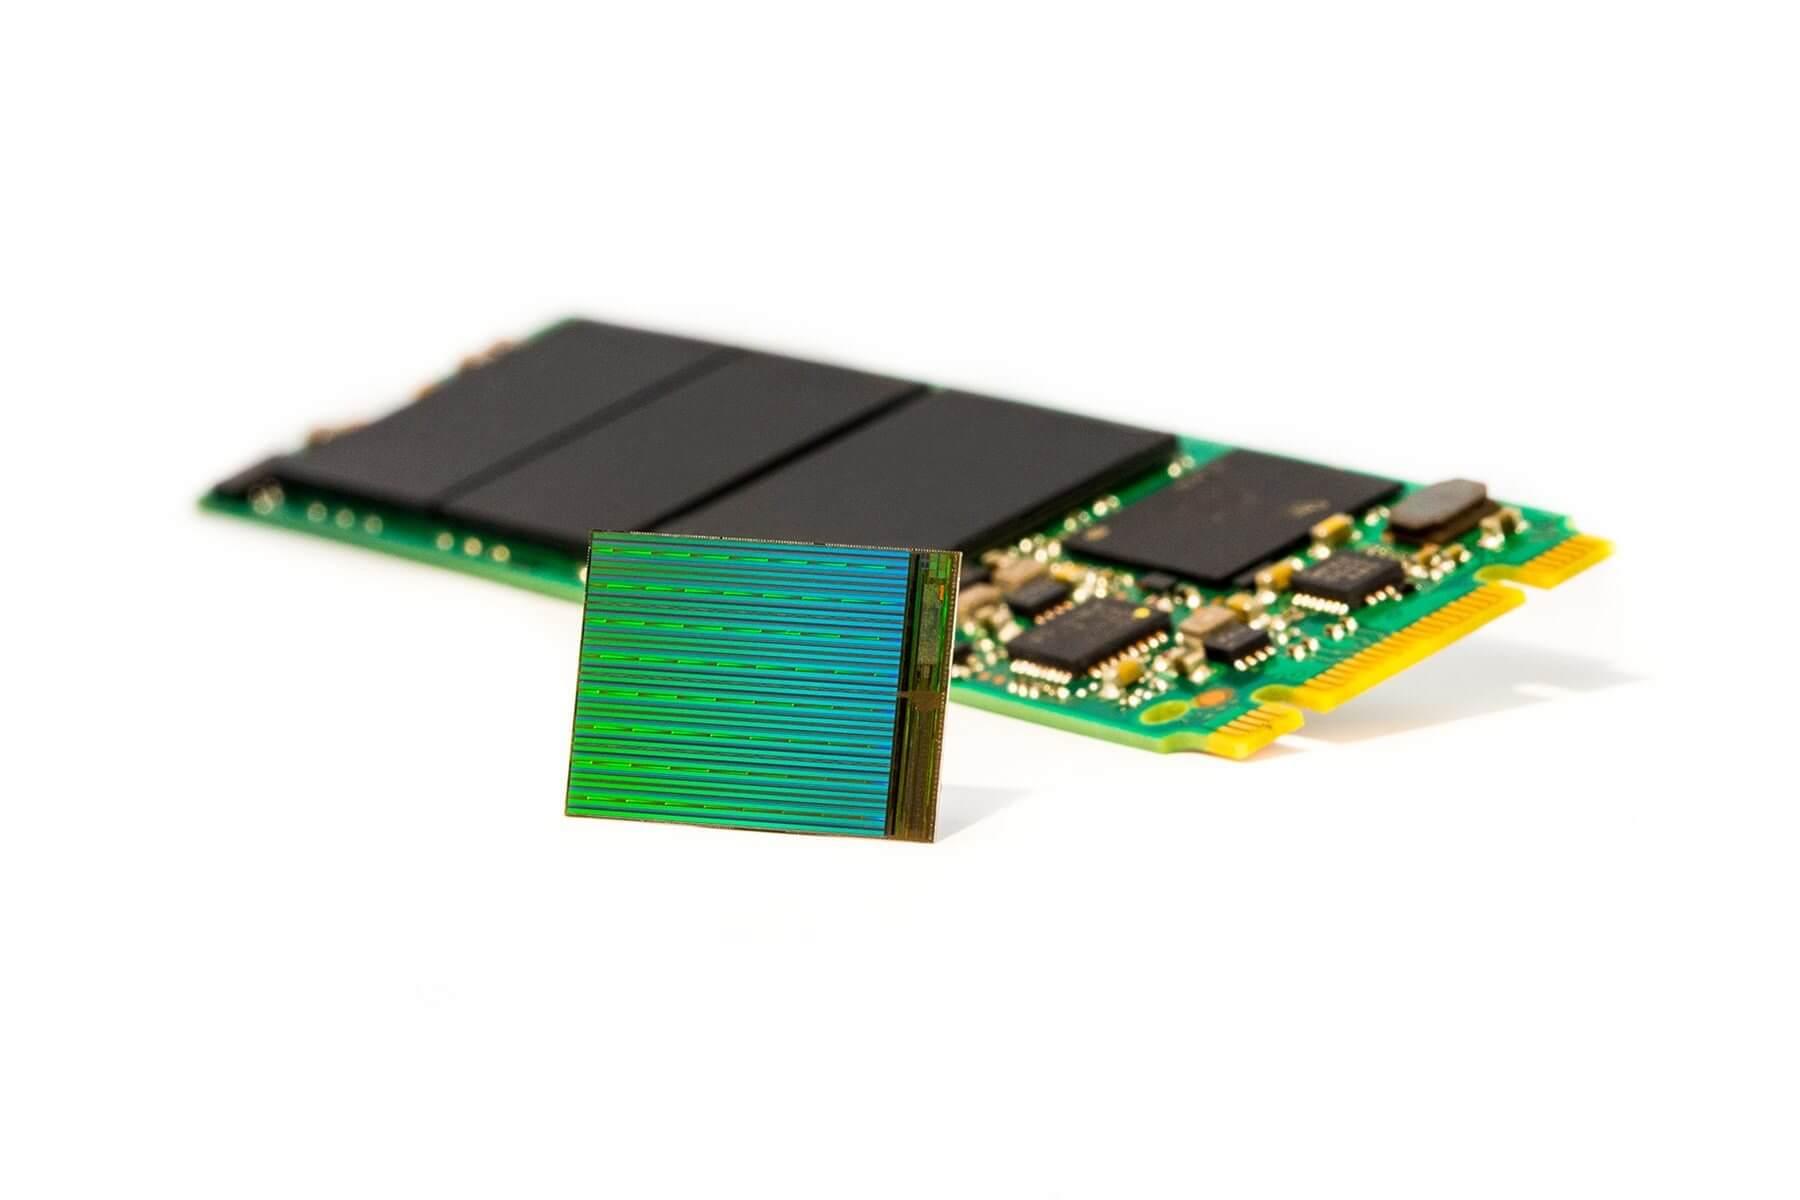 3d nand die with m2 ssd - Corrida espacial: Intel e Toshiba anunciam tecnologias para SSD de 10TB